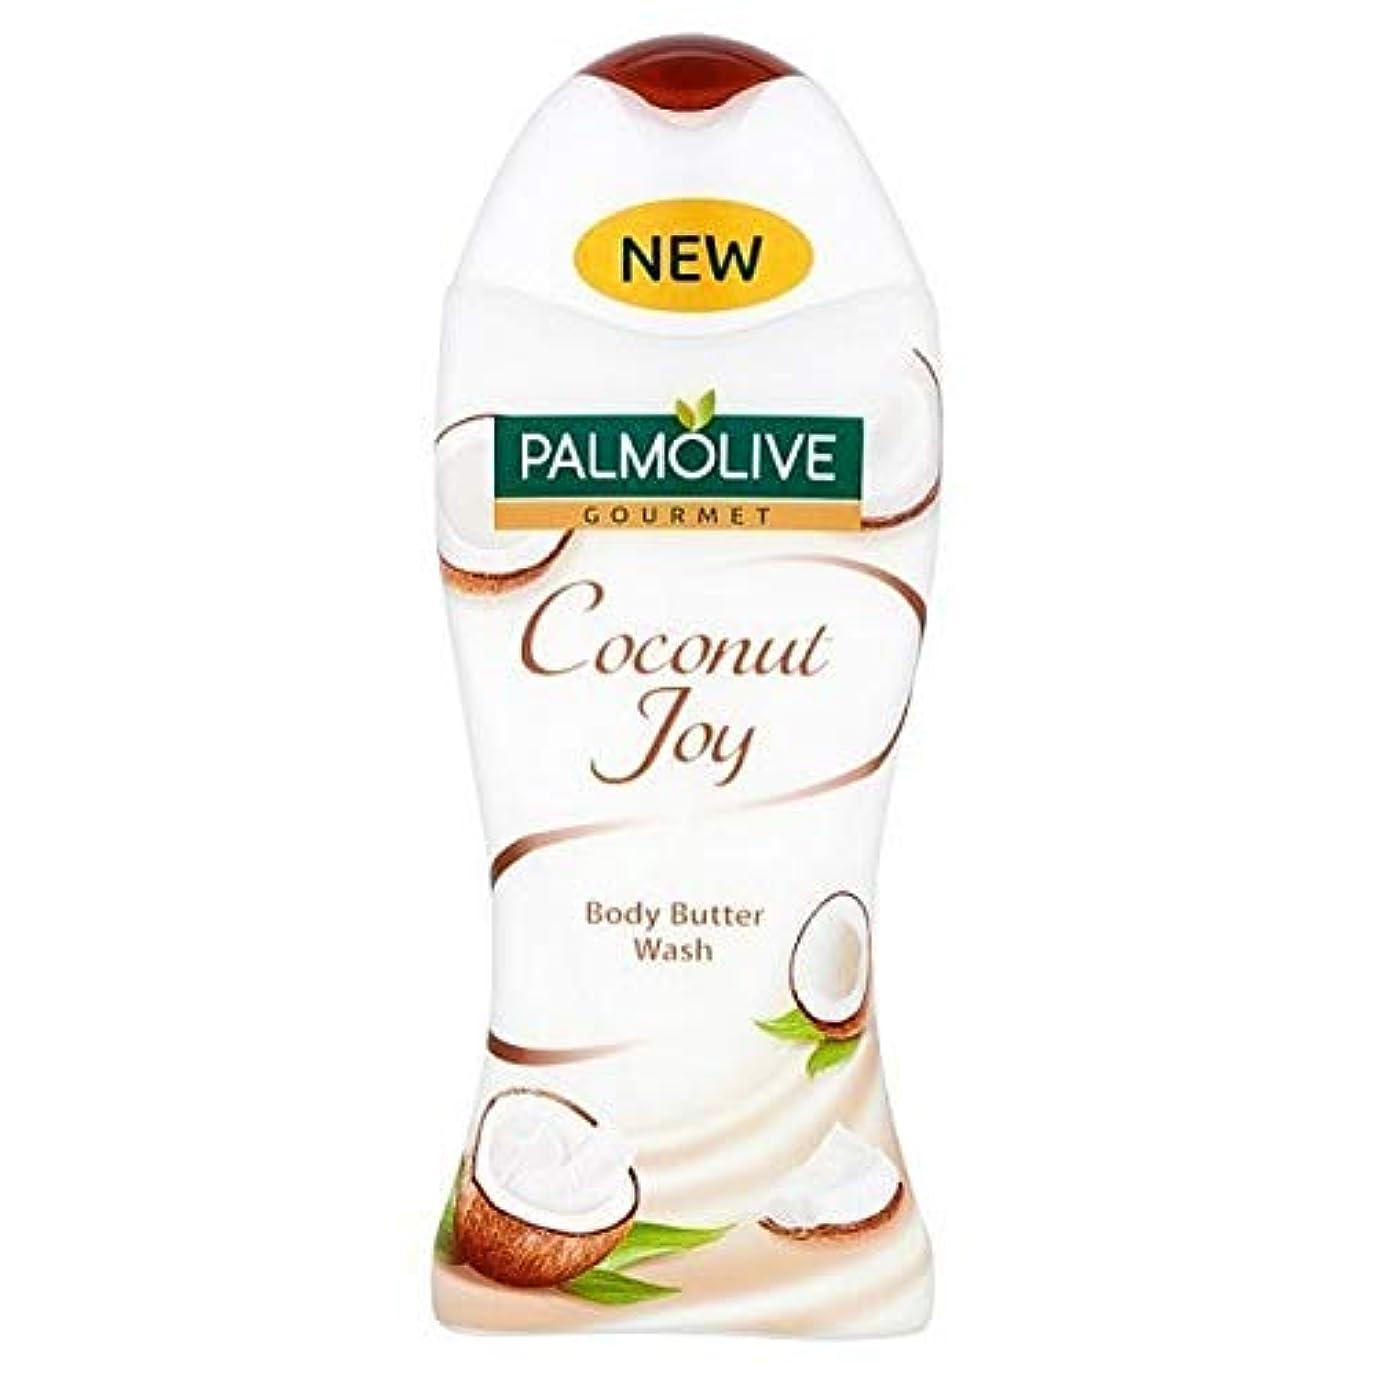 スティーブンソンボード増幅する[Palmolive ] パルモグルメココナッツシャワージェル250ミリリットル - Palmolive Gourmet Coconut Shower Gel 250ml [並行輸入品]